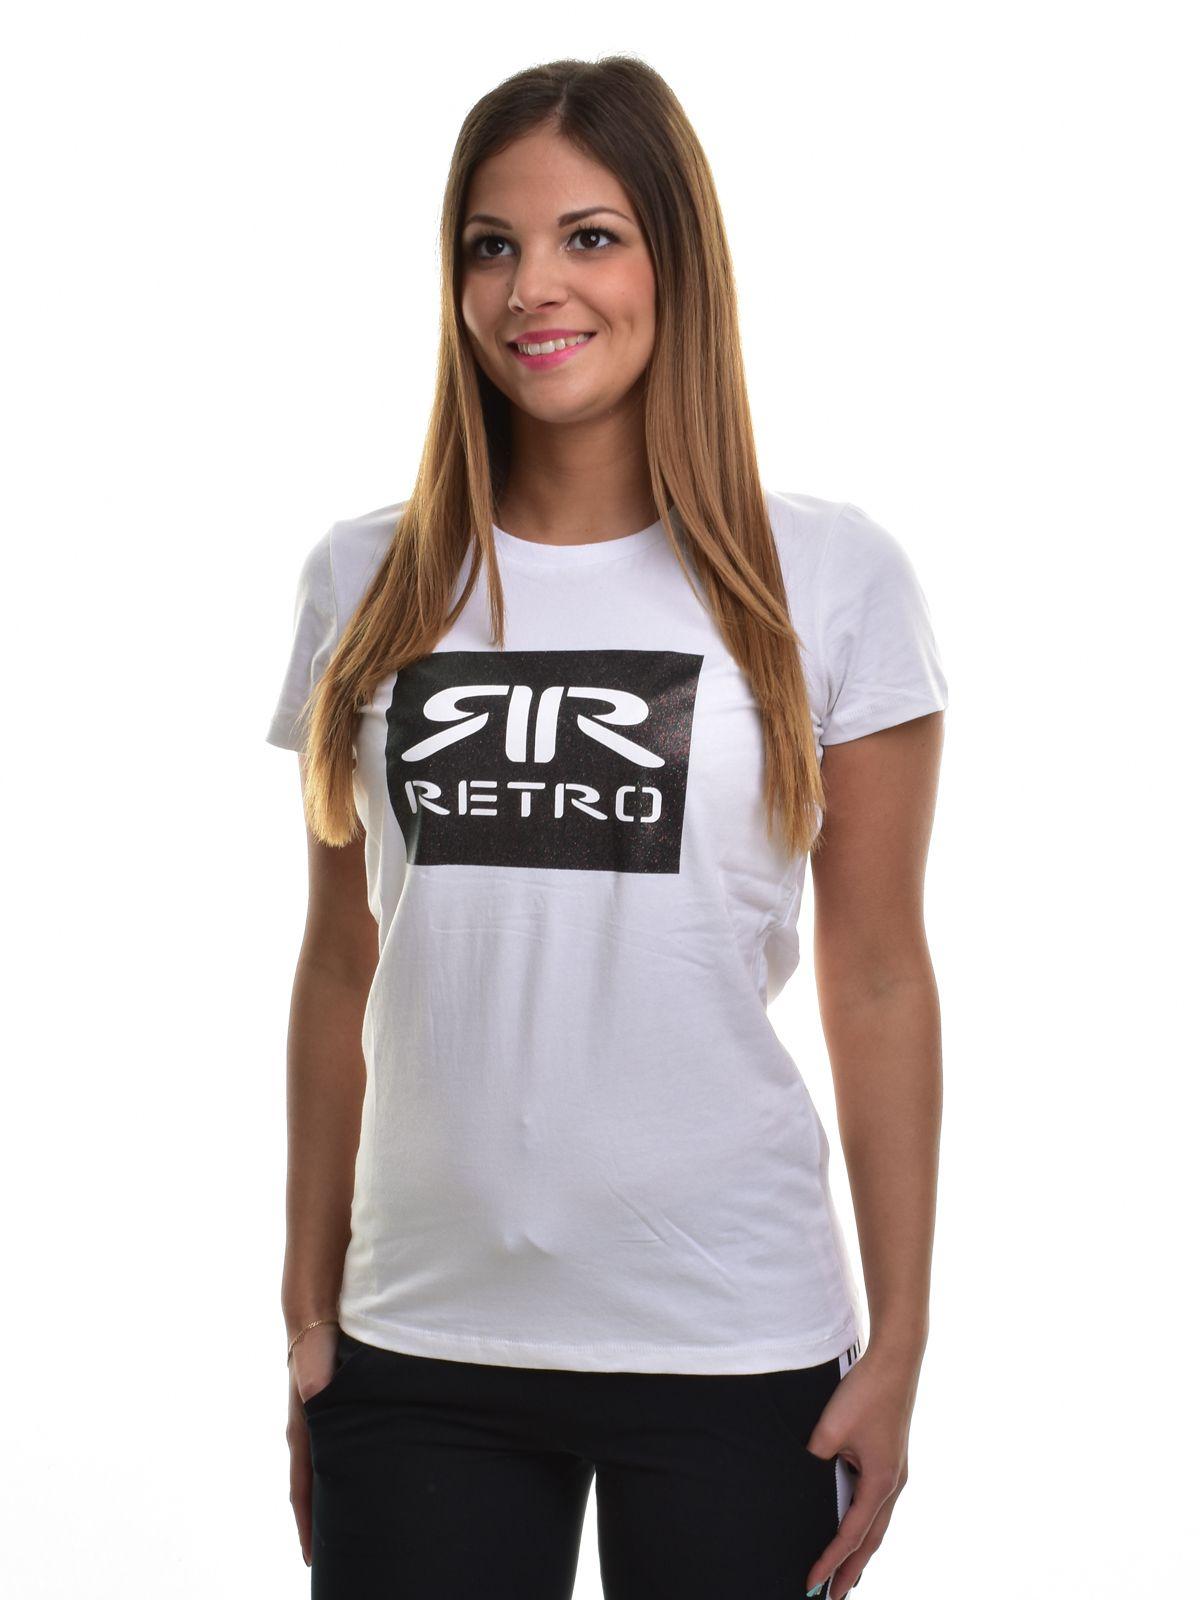 9e0072f8e1 Retro Jeans - Női - Ruházat - Ruha/Overál, Póló | Márkásbolt.hu